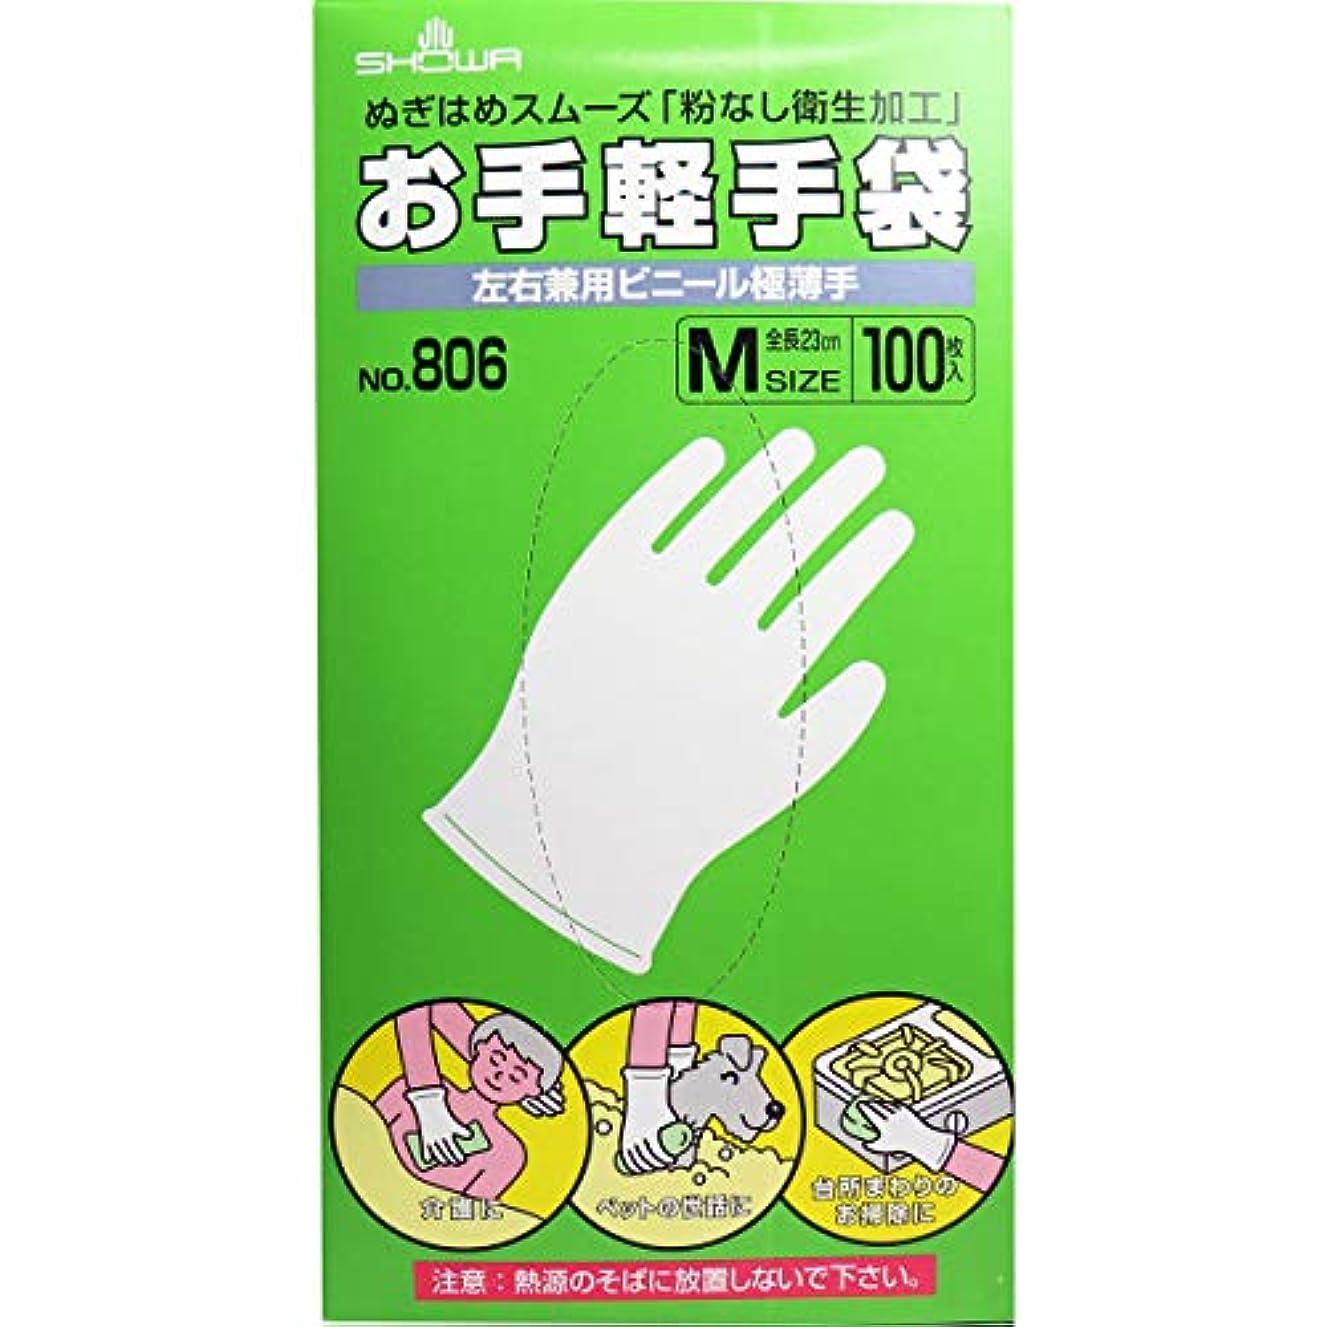 黙認する契約業界お手軽手袋 No.806 左右兼用ビニール極薄手 粉なし Mサイズ 100枚入×5個セット